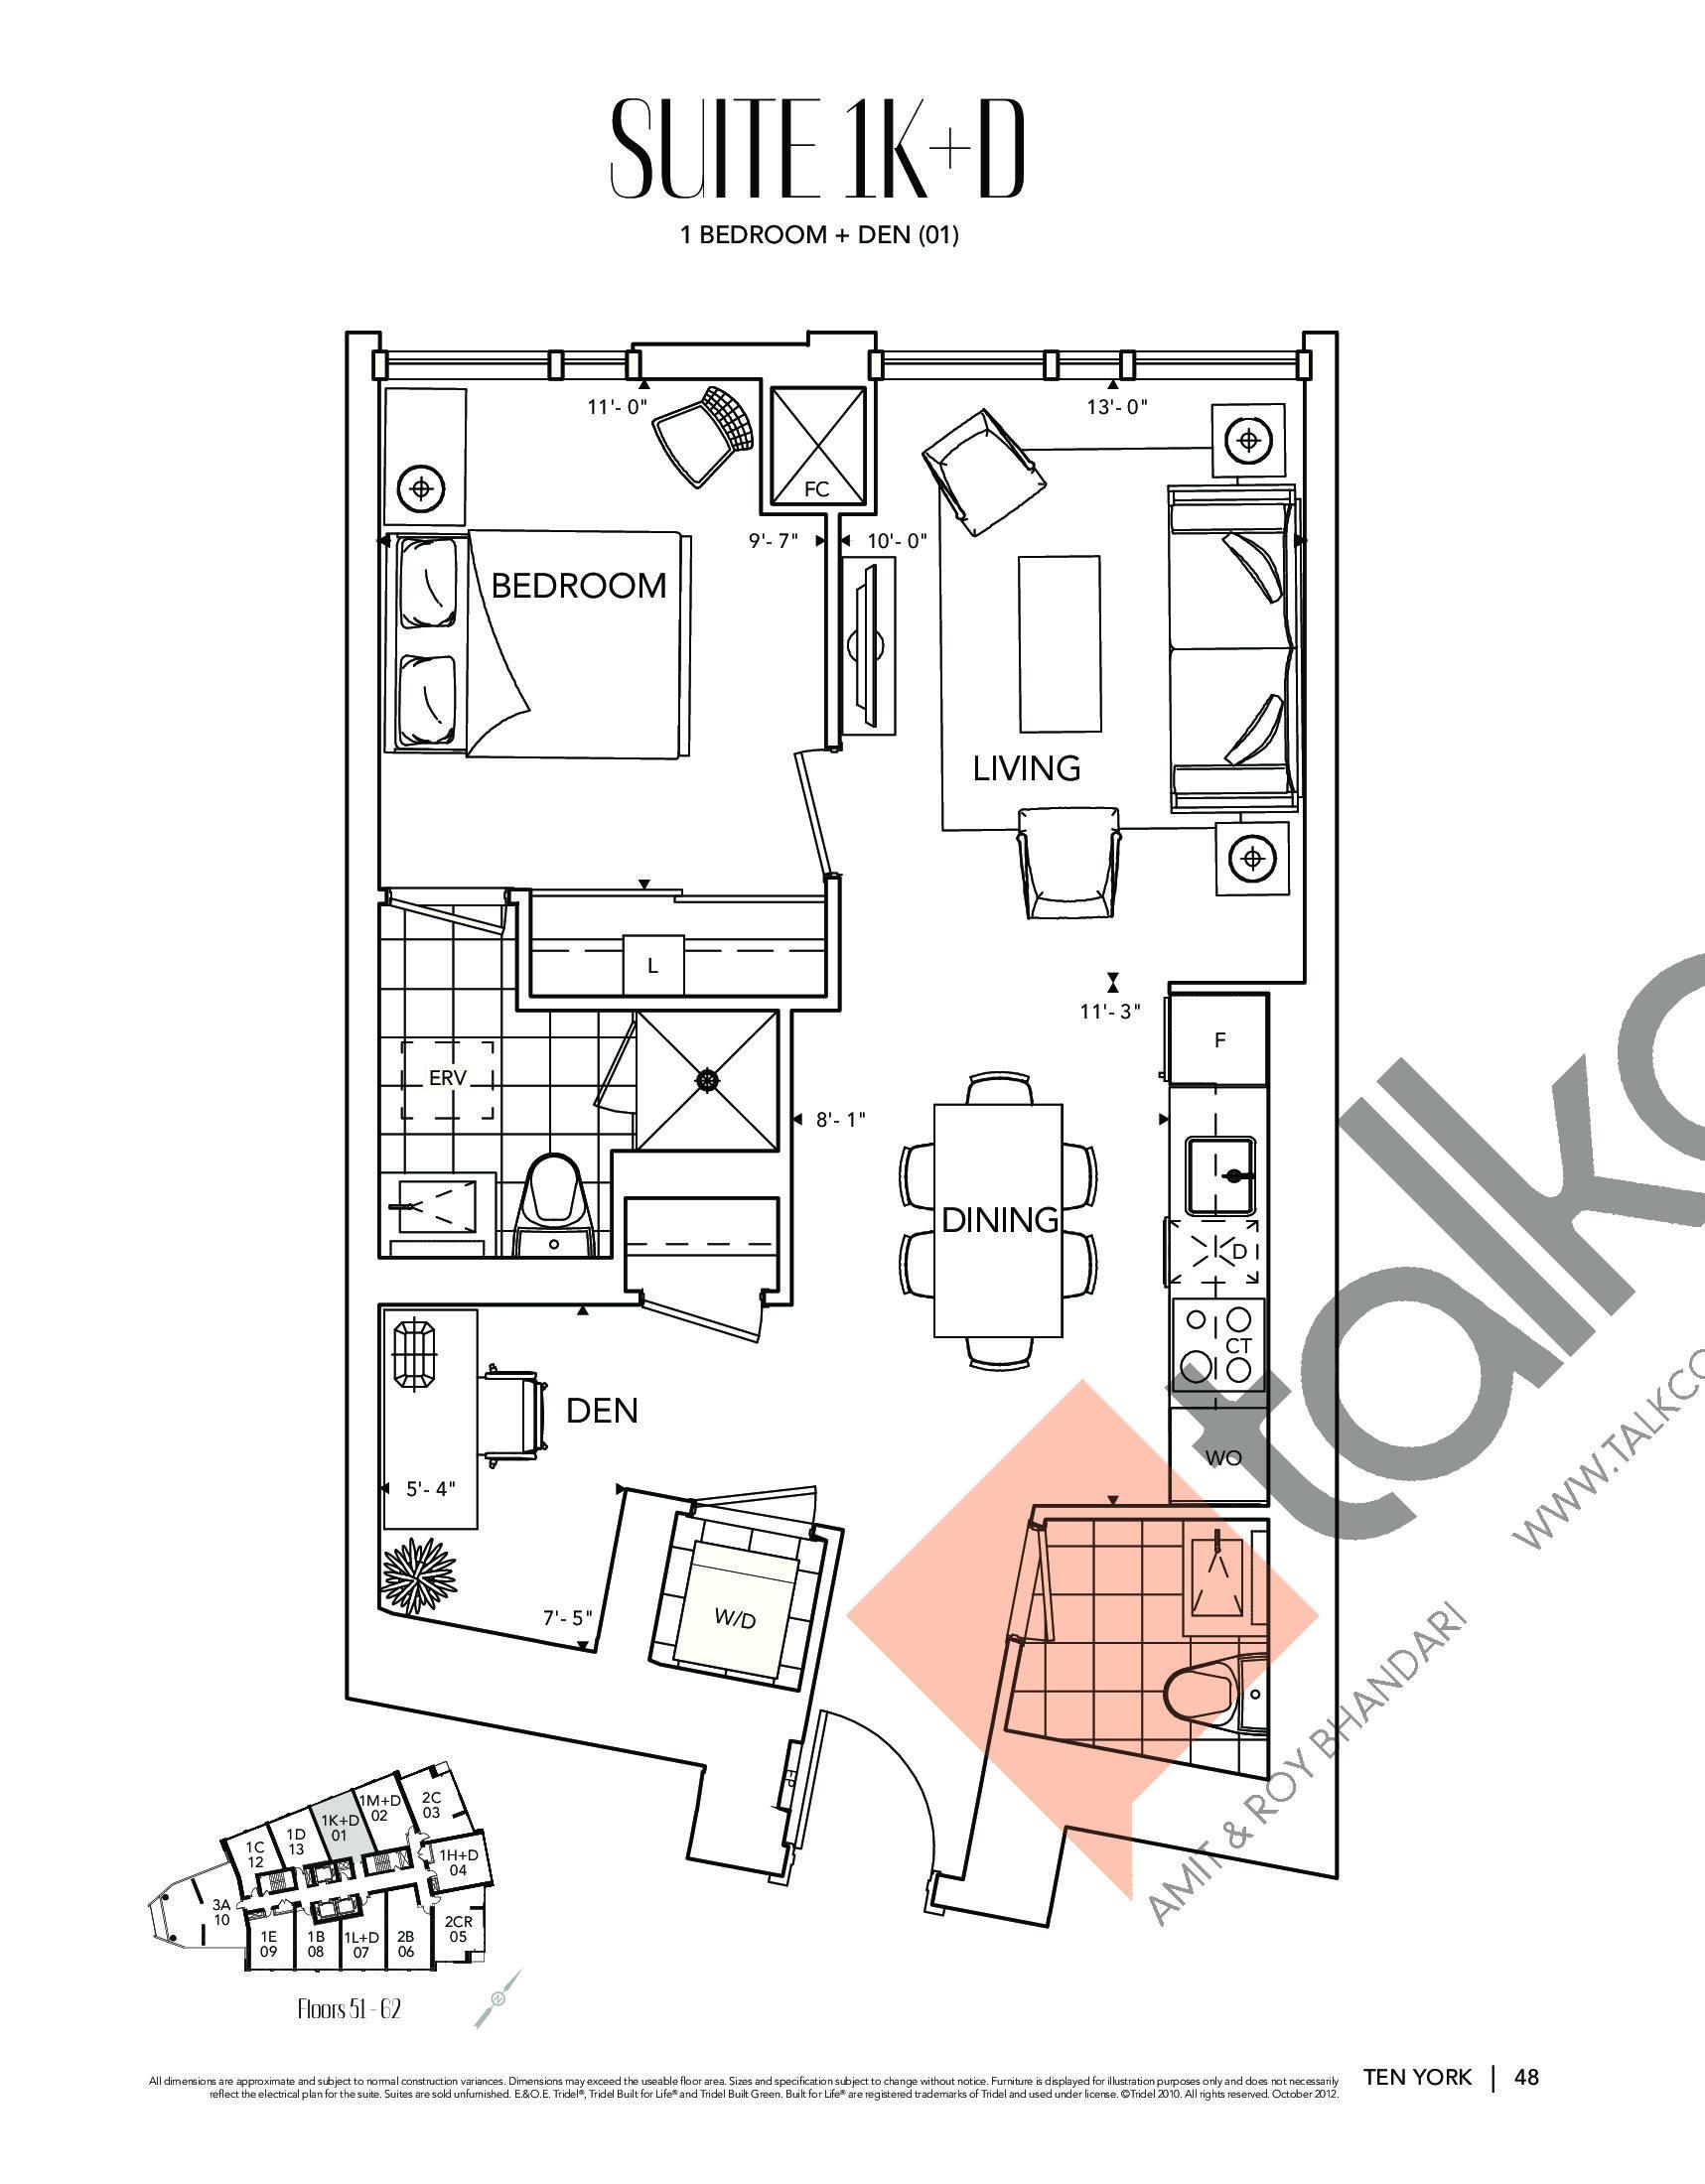 Suite 1K+D Floor Plan at Ten York Condos - 678 sq.ft